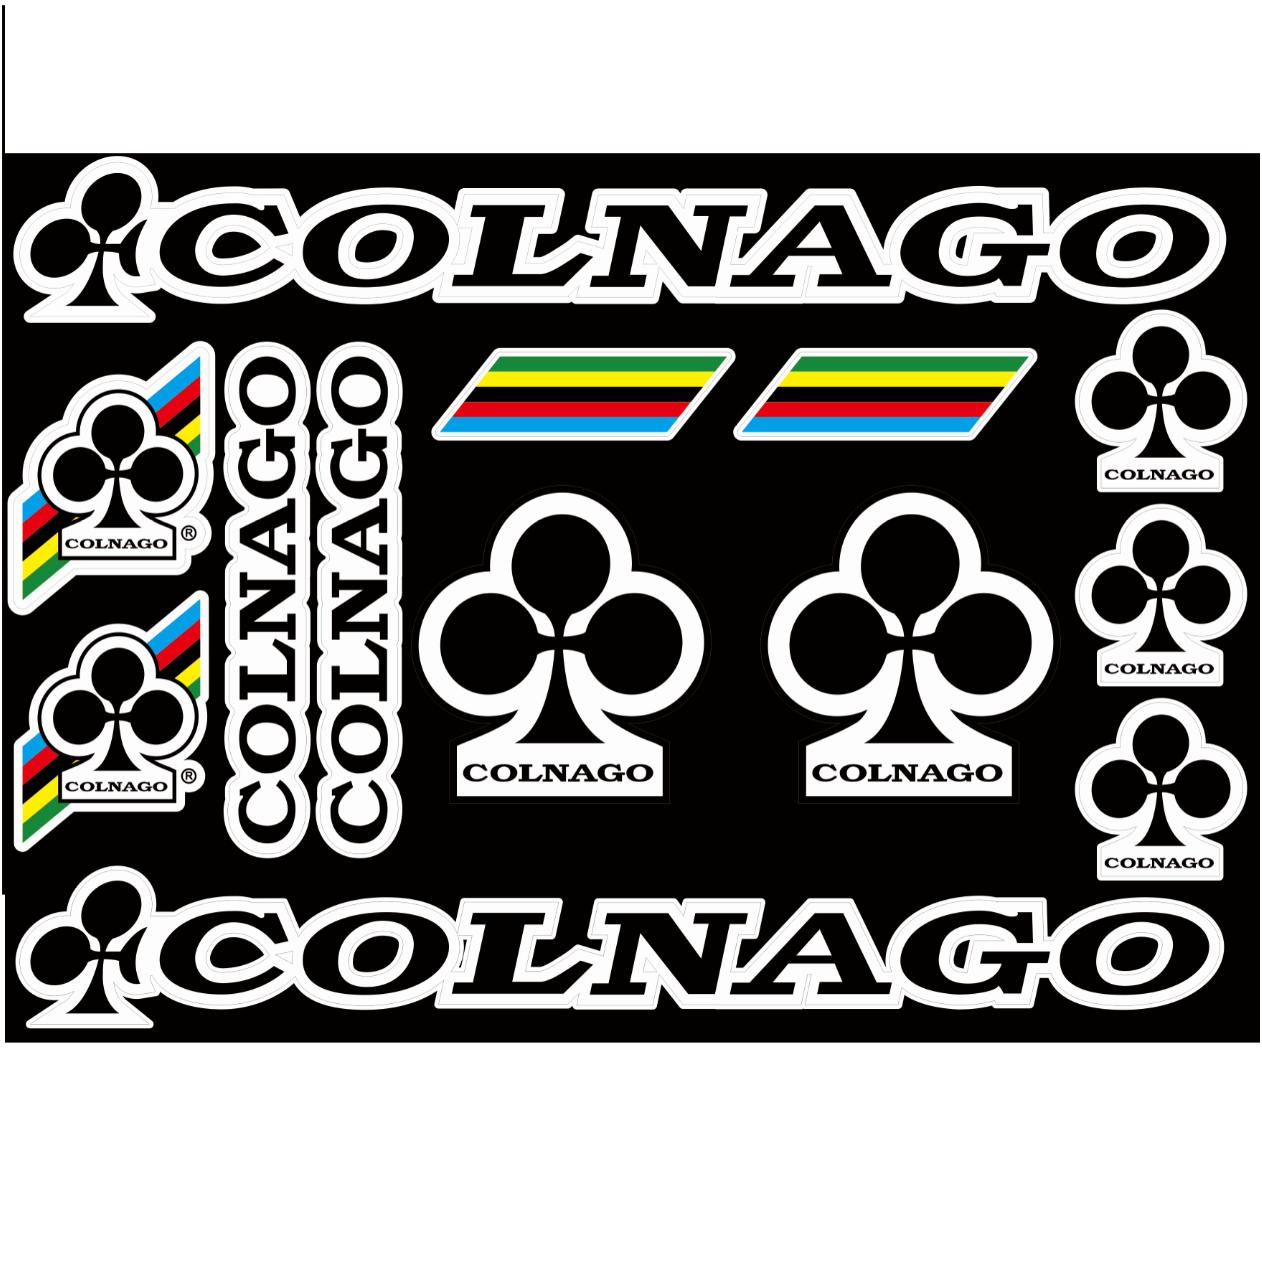 COLNAGO-Route de cadre de vélo Autocollants-Vinyl Decals